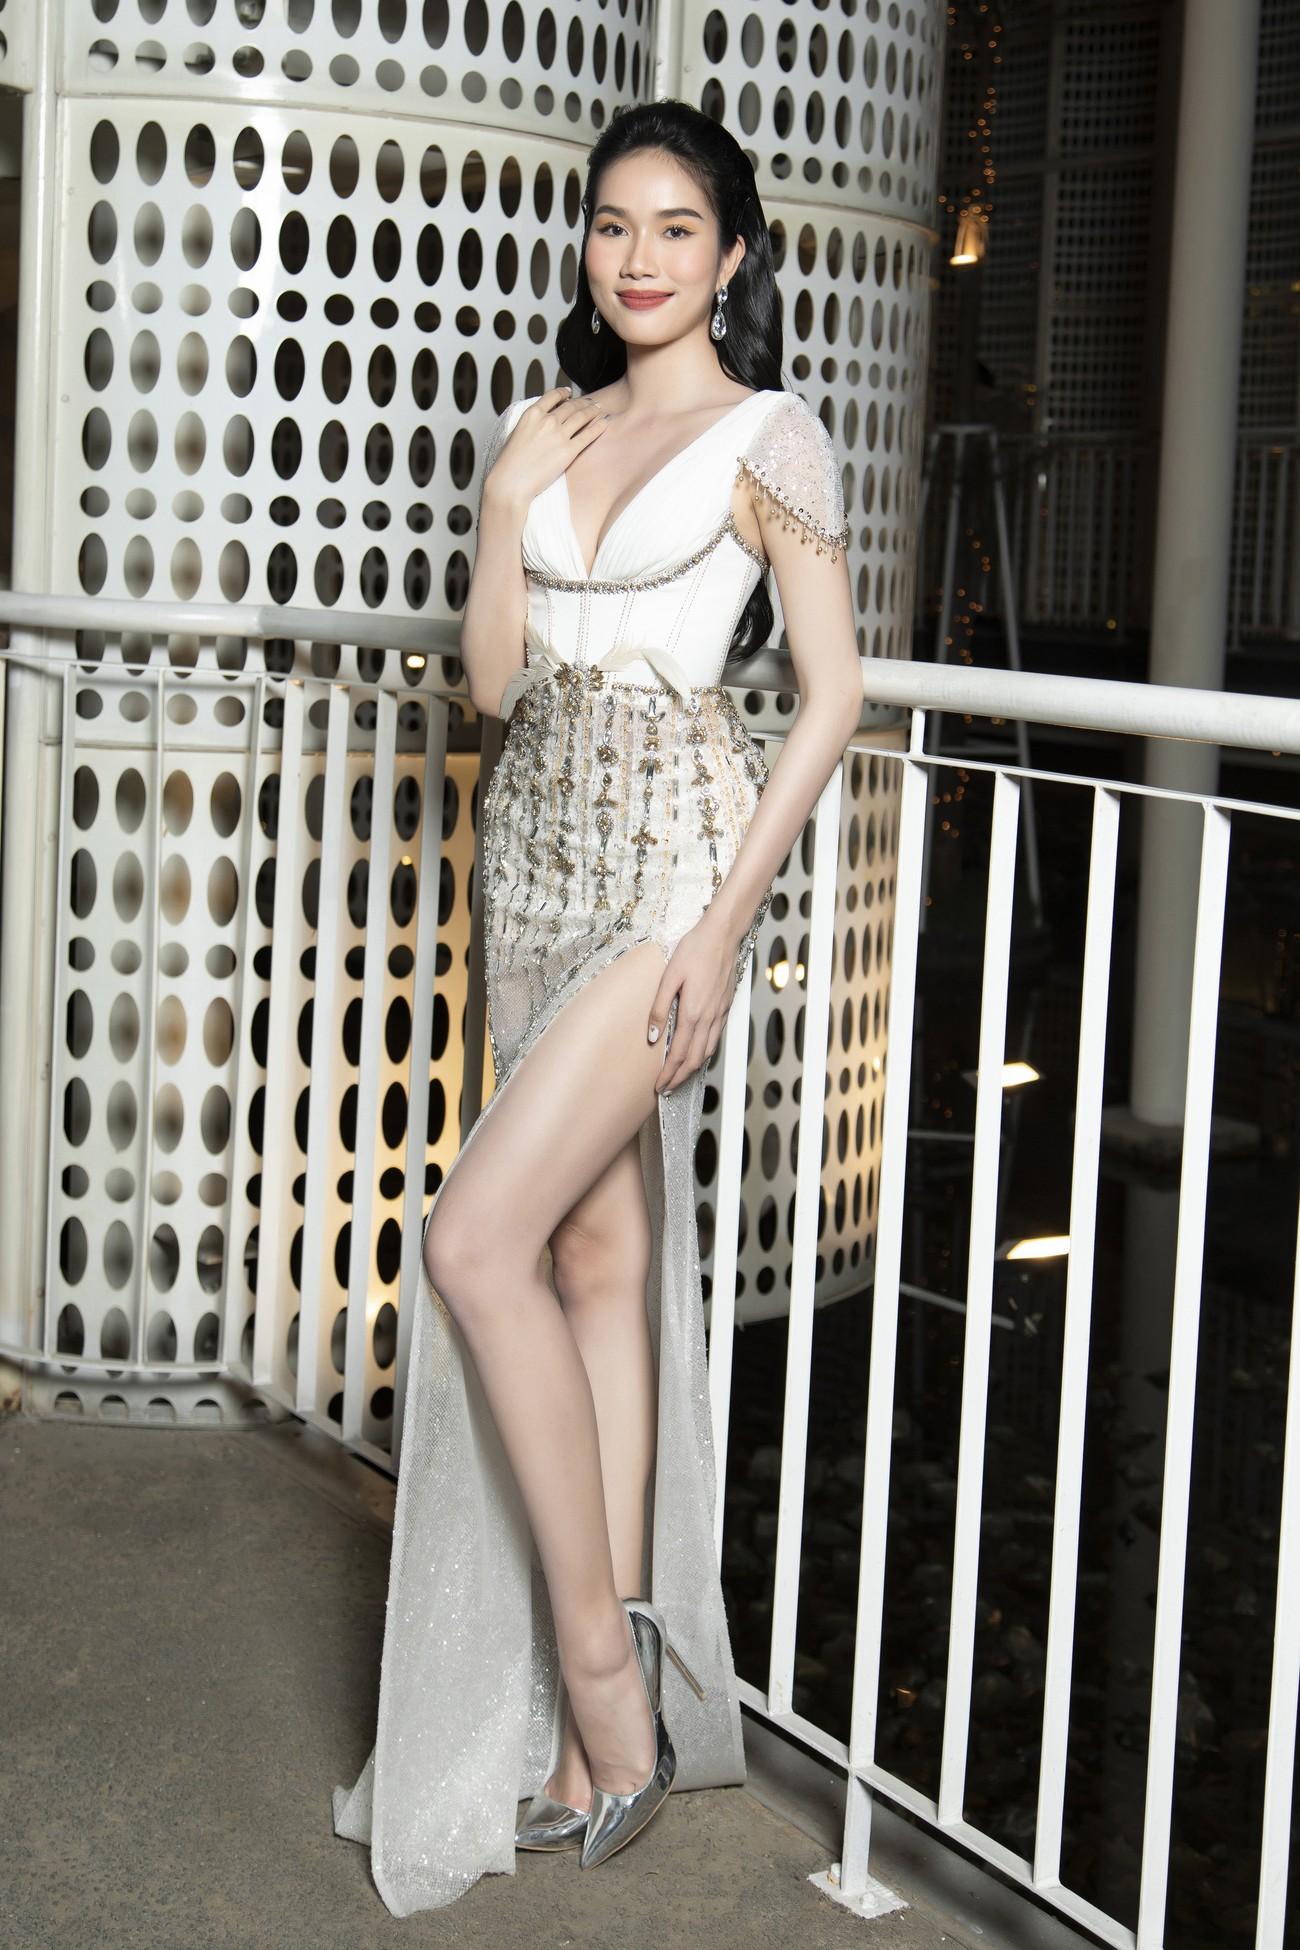 Top 3 Hoa hậu Việt Nam 2020 mặc váy cắt xẻ gợi cảm, đọ sắc Lương Thuỳ Linh-Kiều Loan ảnh 7